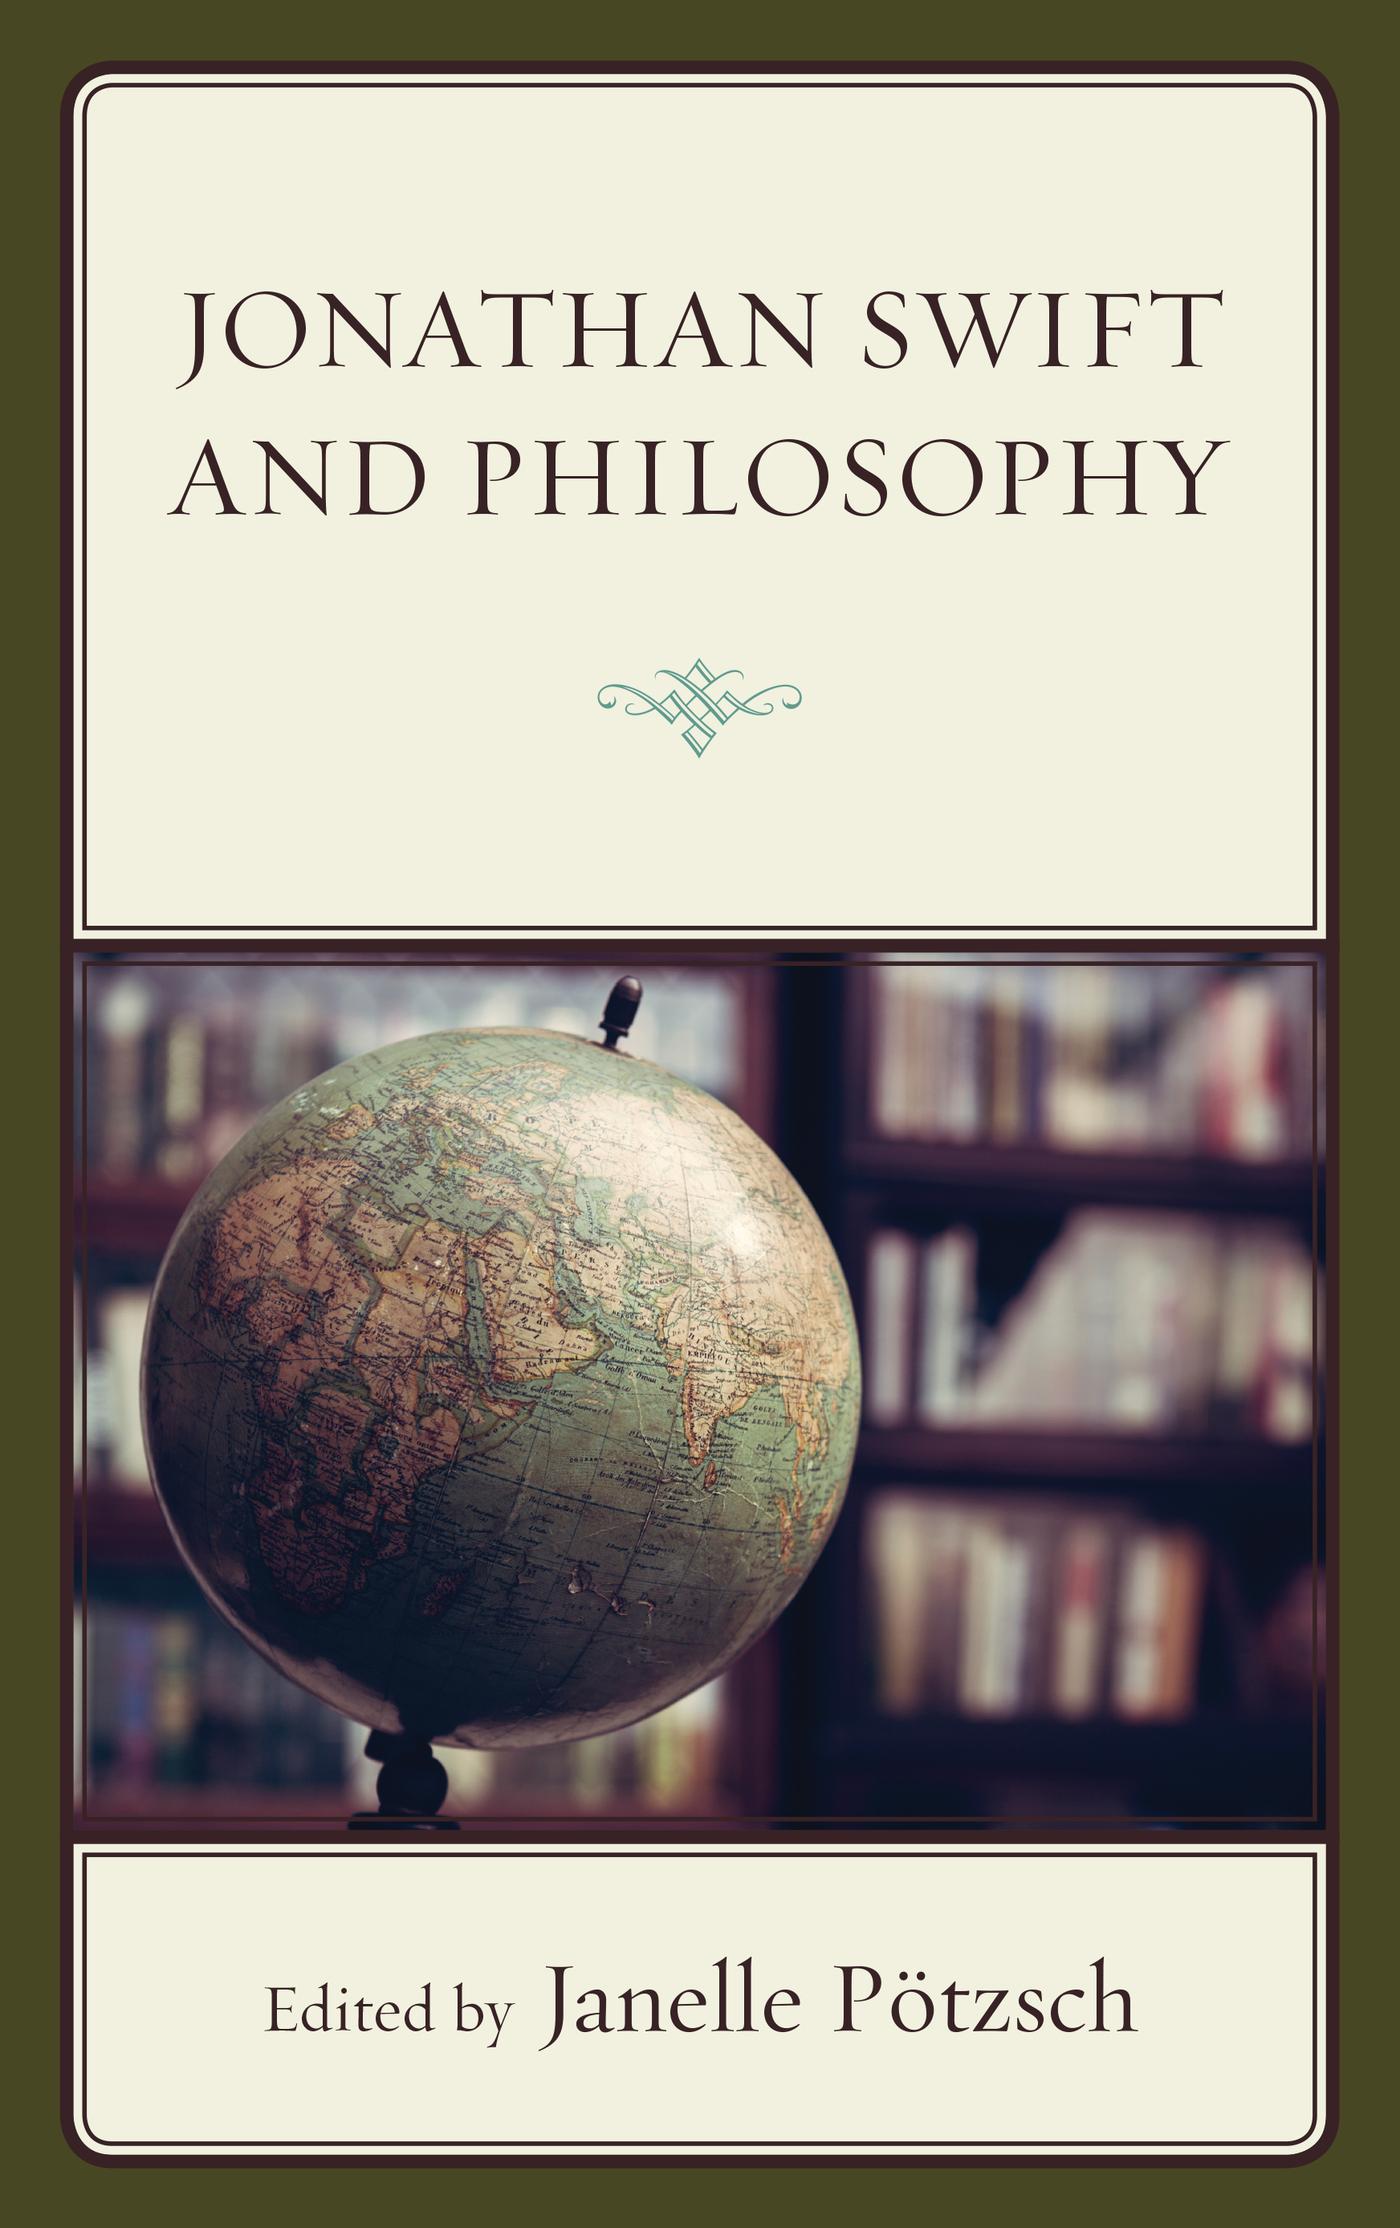 Jonathan Swift and Philosophy